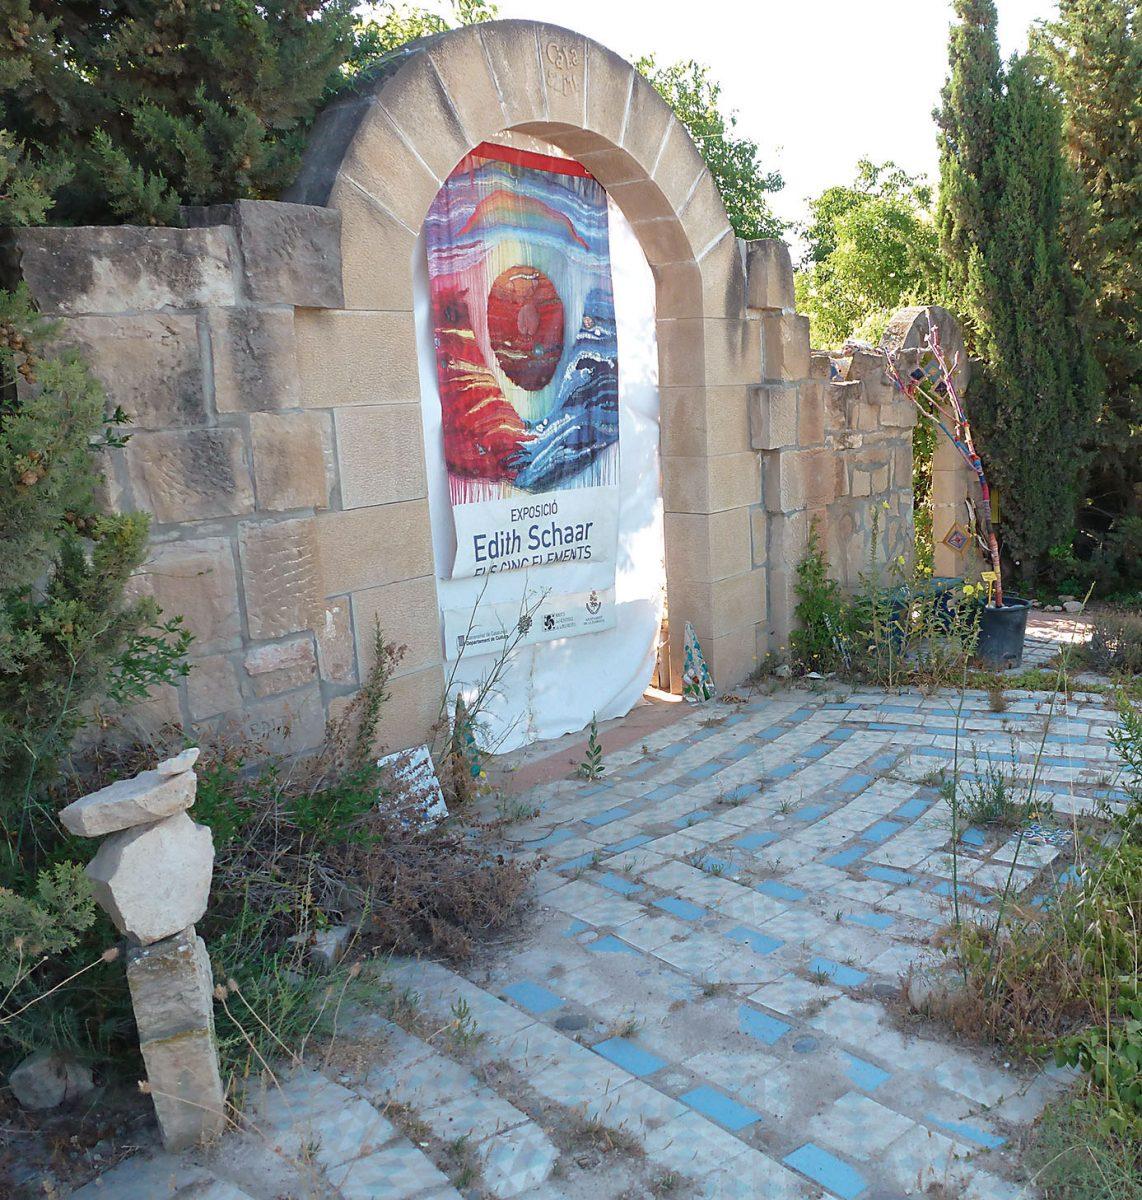 Das Eingangstor zur Edith Schaars L'Illa Verda